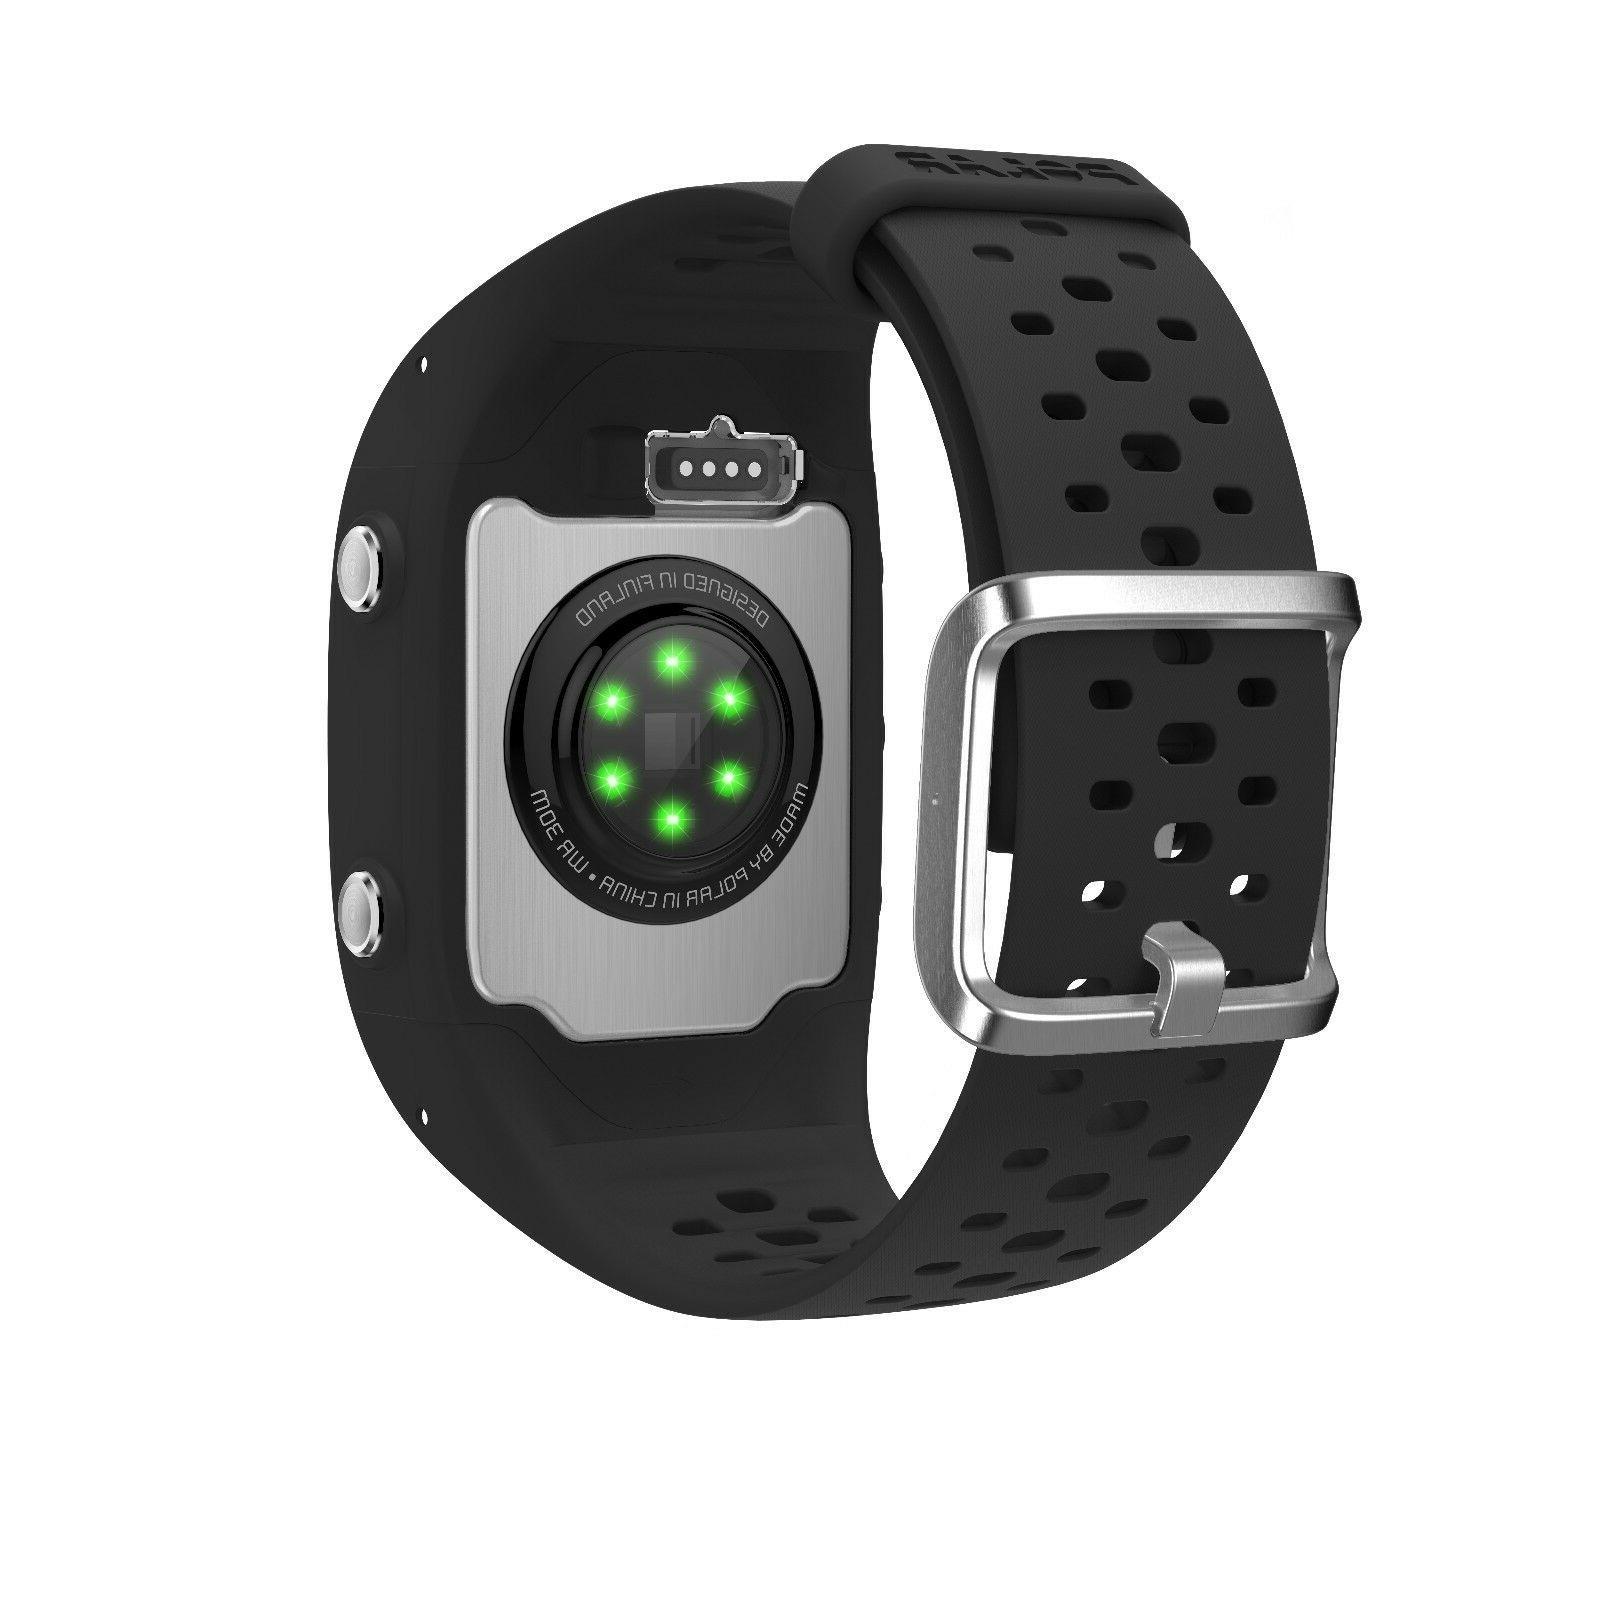 Polar M430 watch with wrist-based